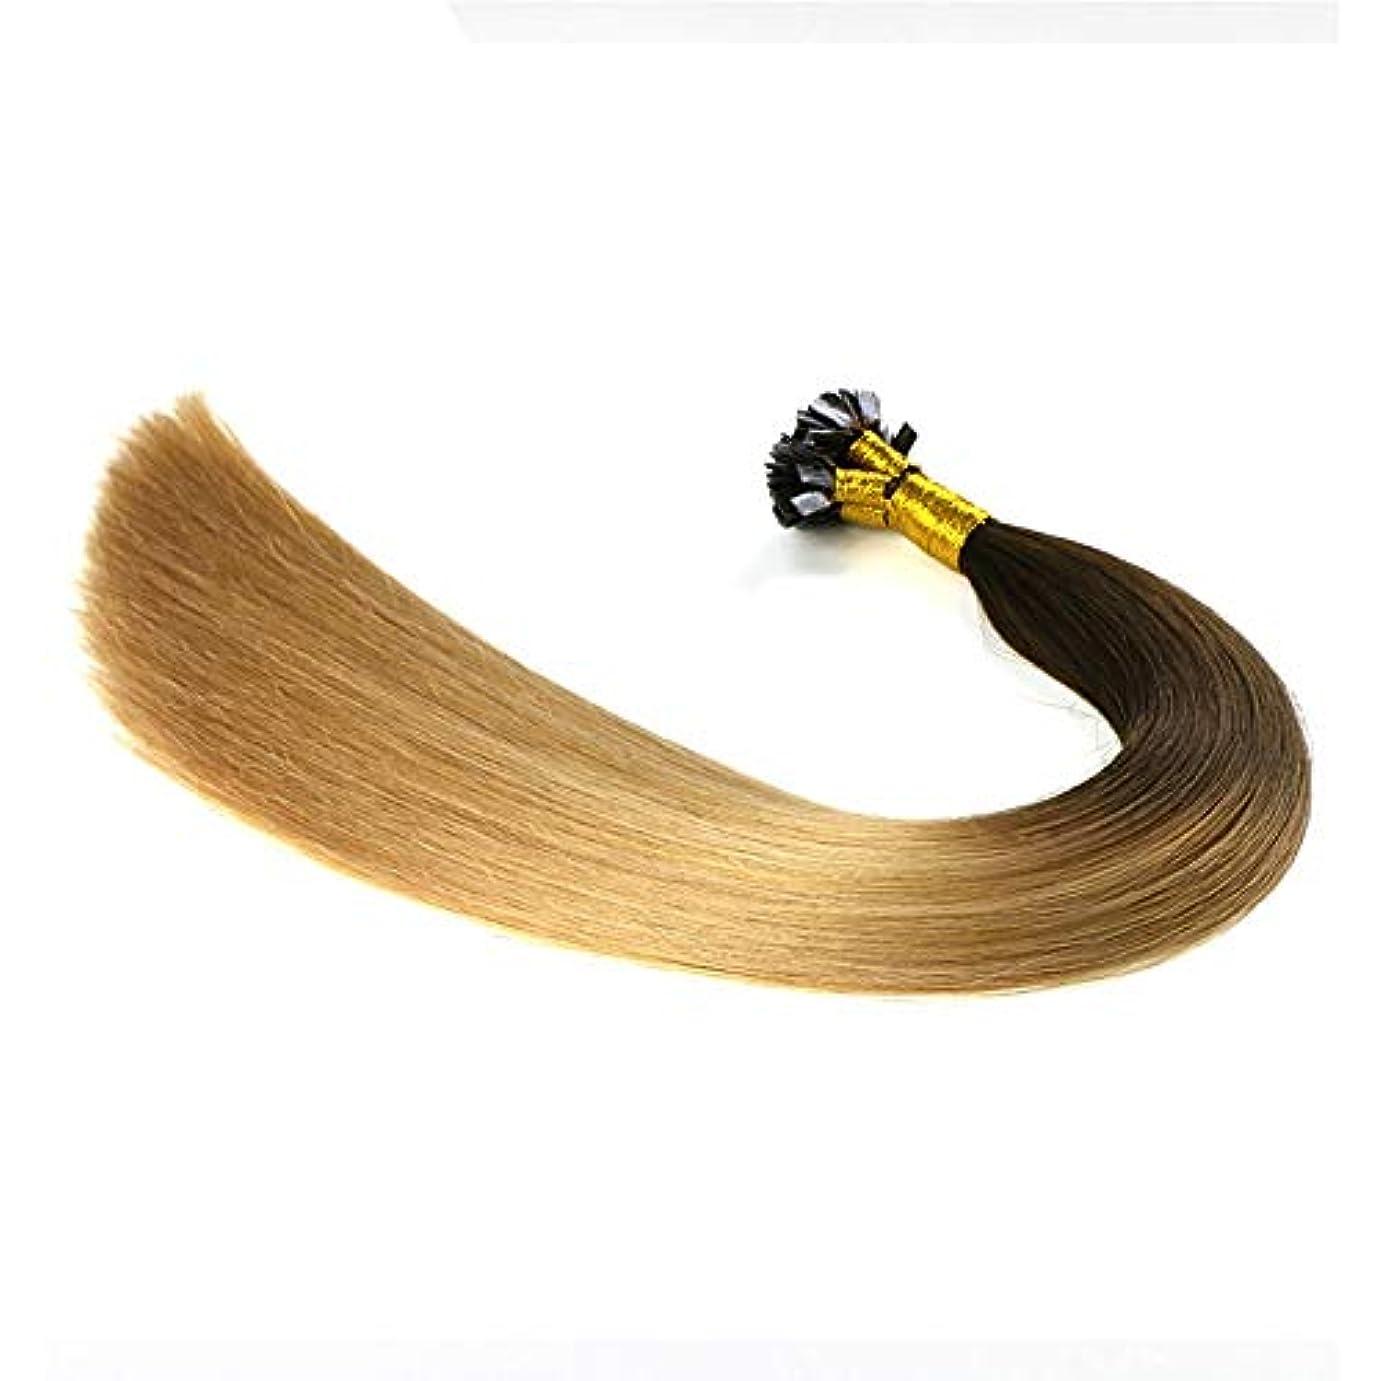 グラフカトリック教徒禁止するWASAIO ヘアエクステンションクリップのシームレスな髪型ナノリングオンブルトップ金ぴかブラウンボトムハイライトブロンドダブル描かれた人間の髪 (色 : Blonde, サイズ : 24 inch)